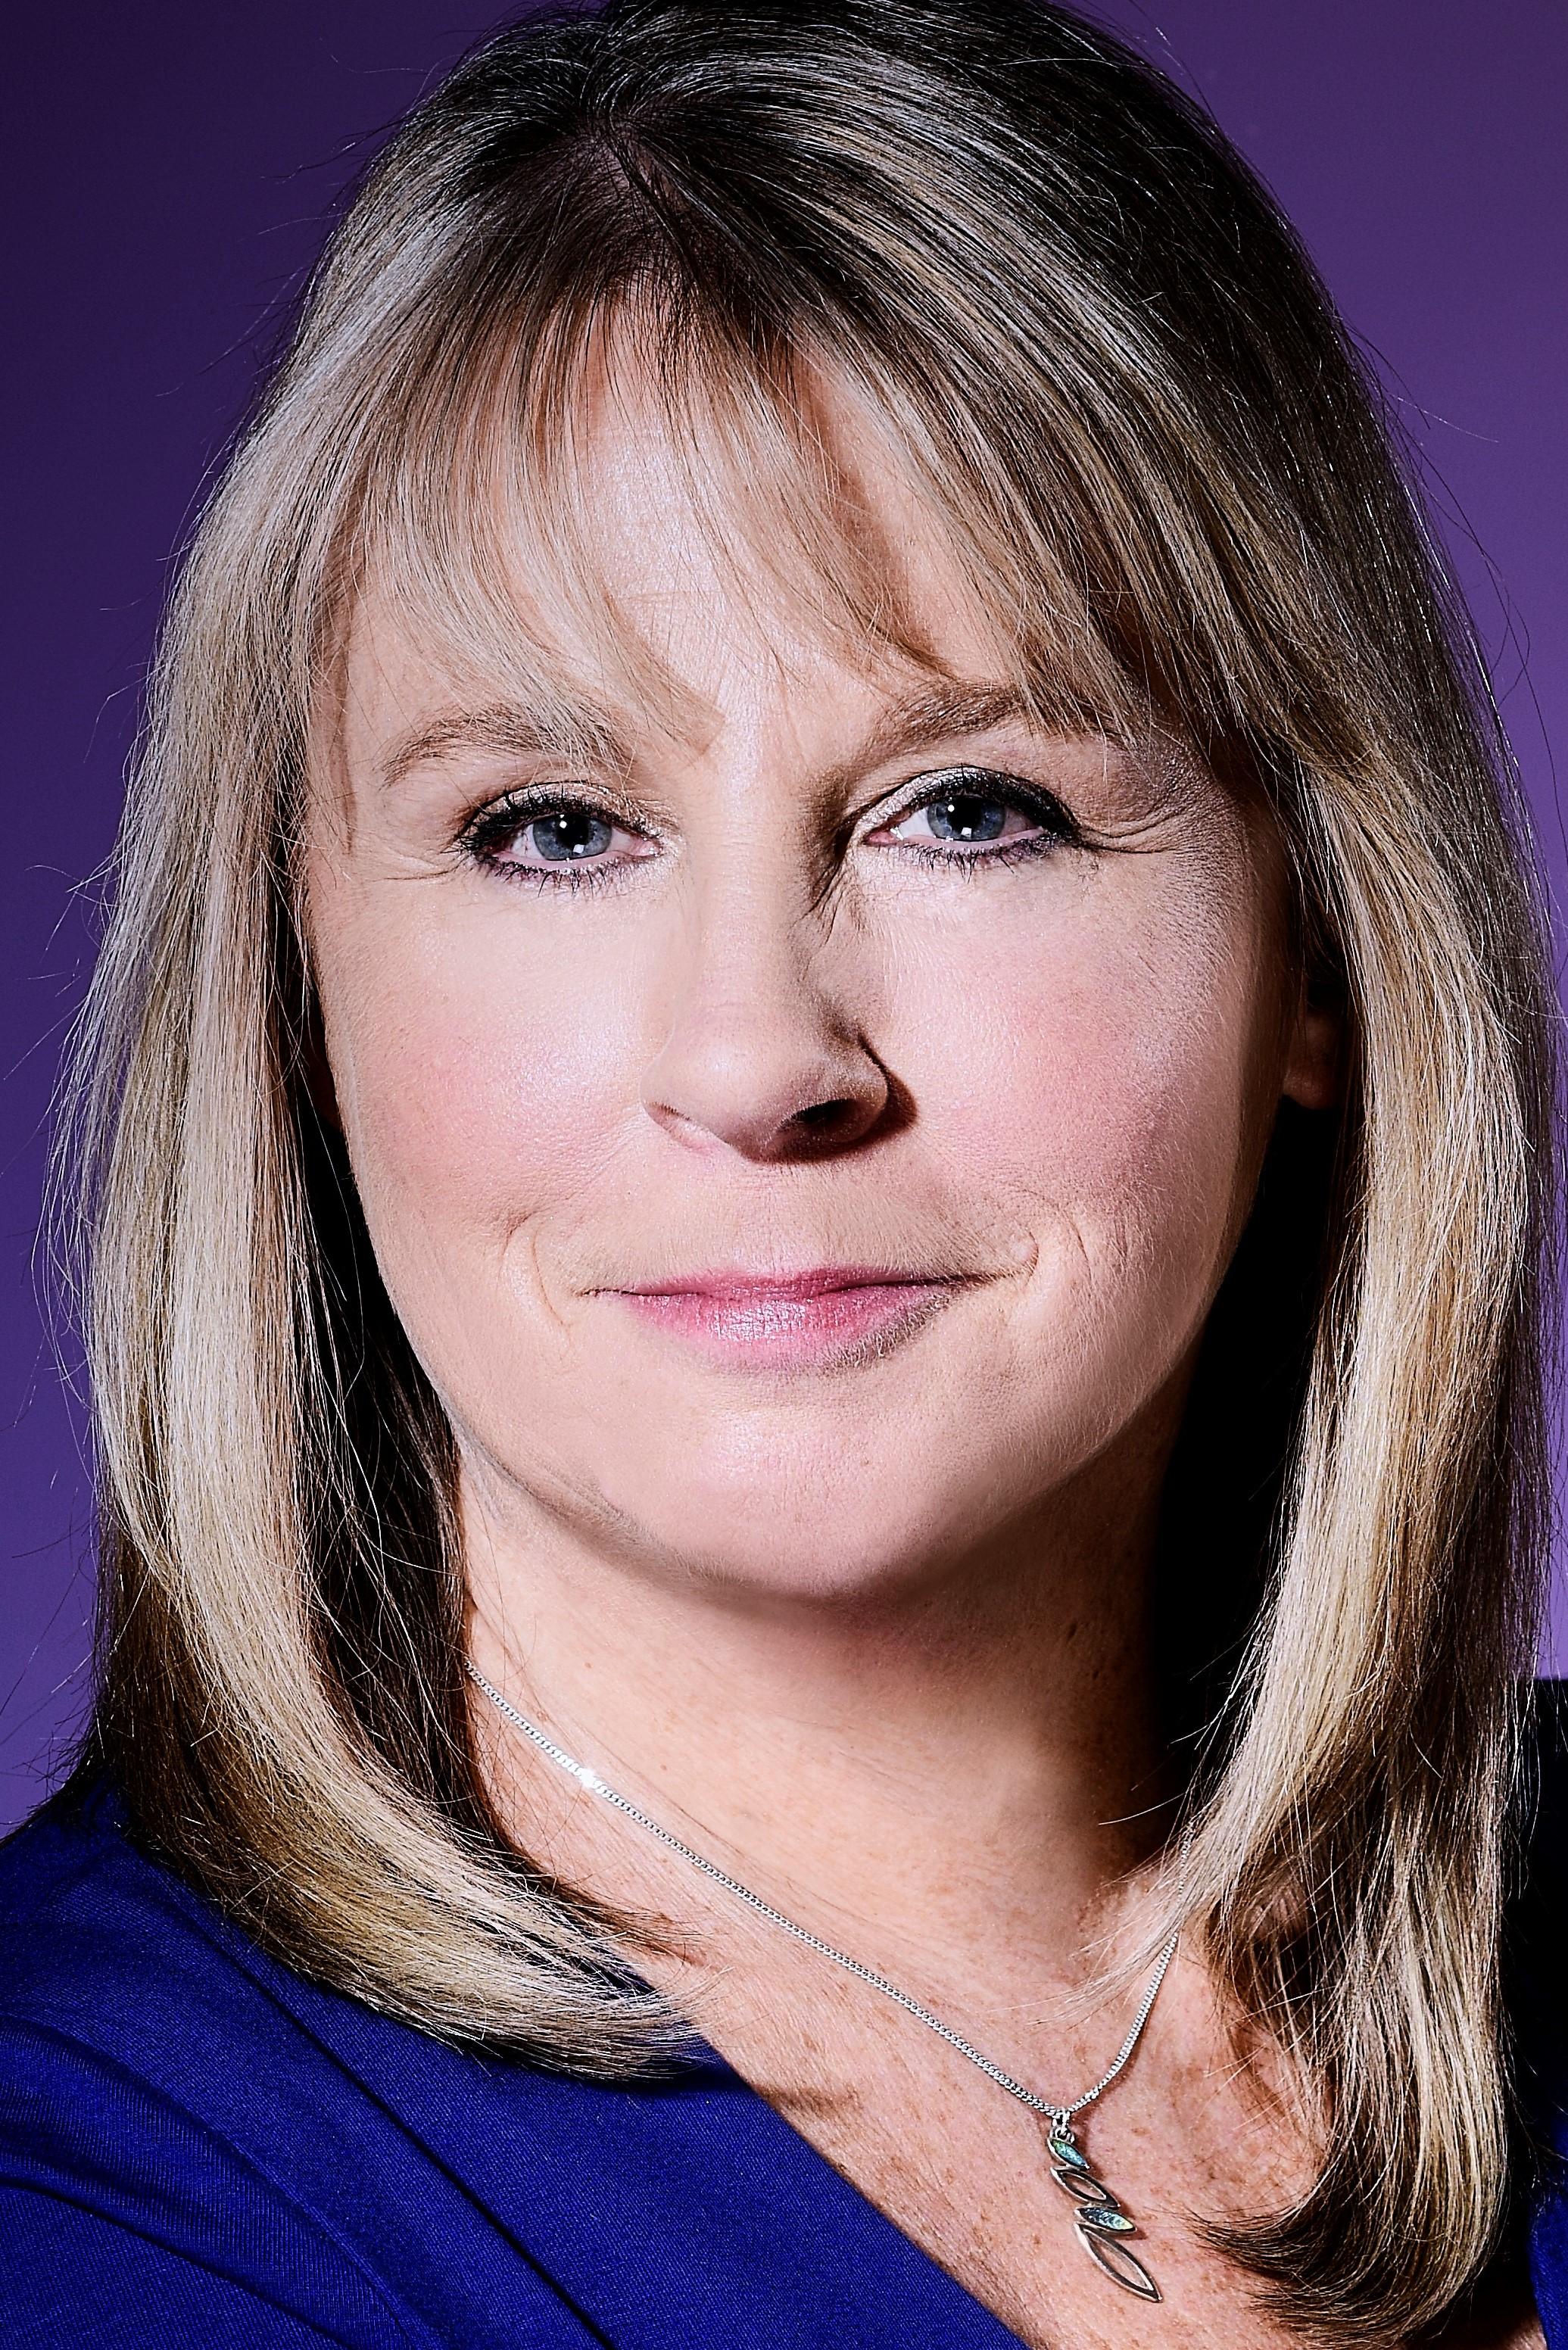 Debbie Forster